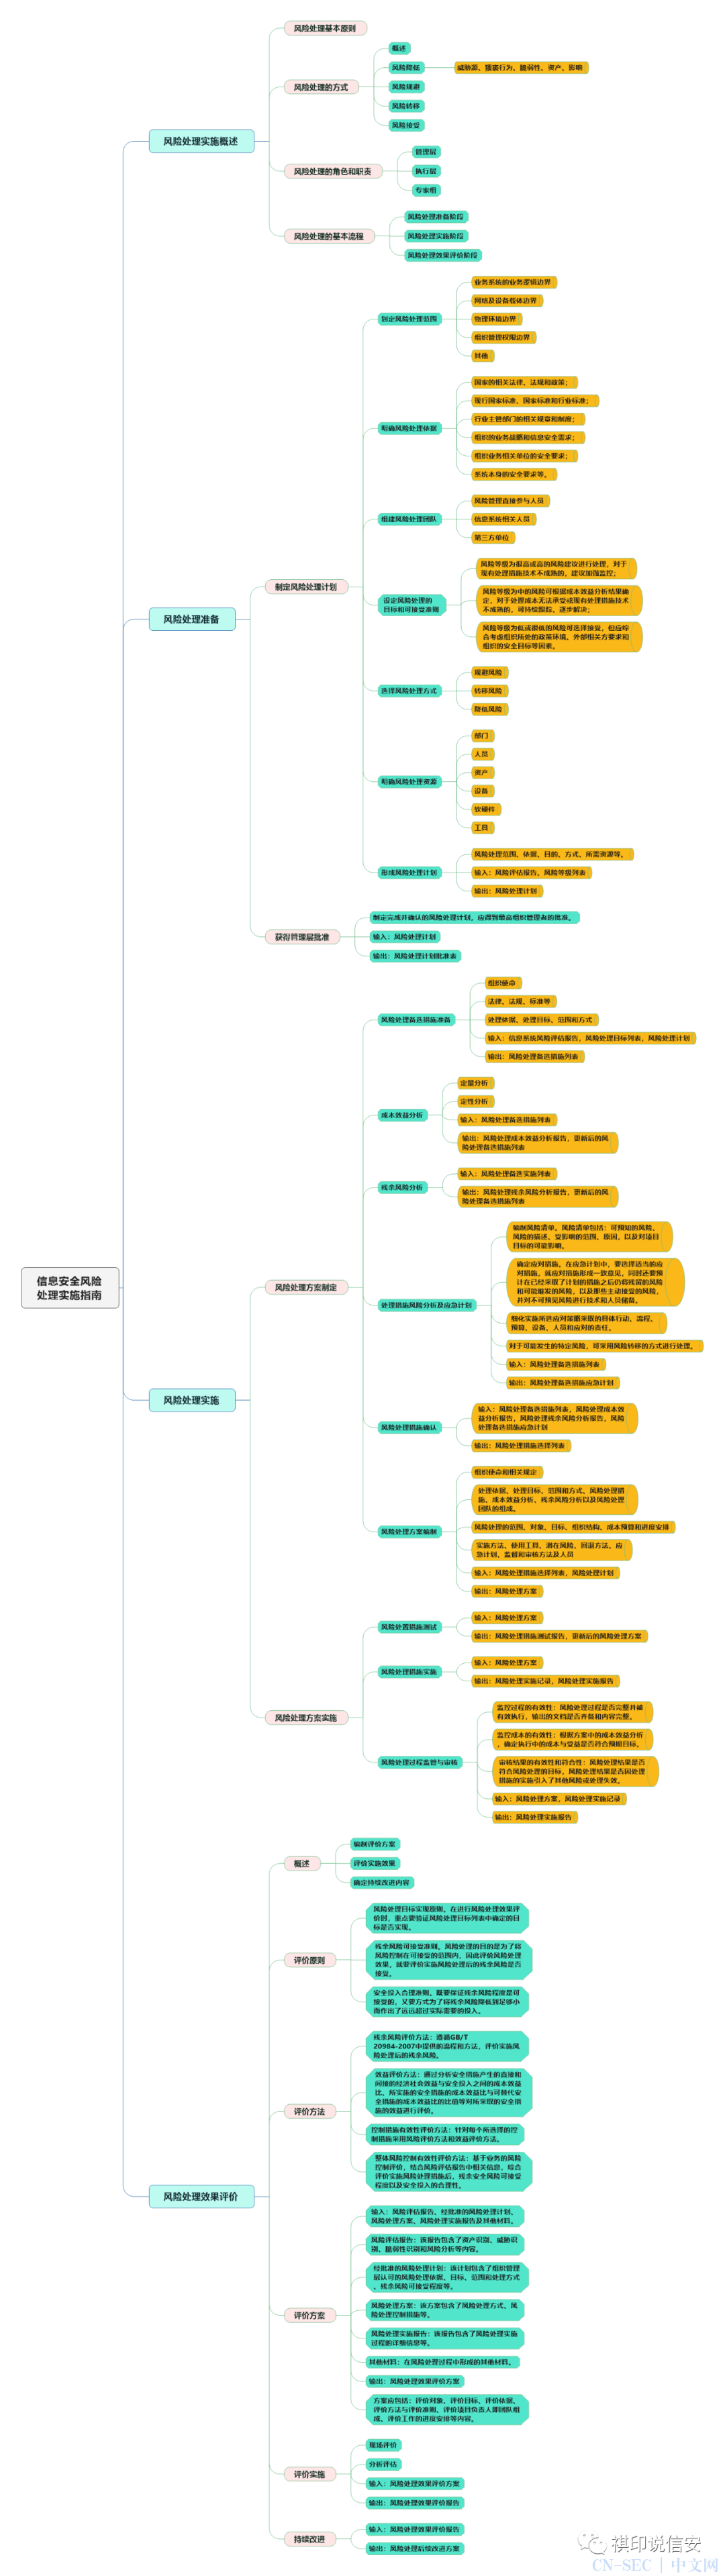 技术干货 | 信息安全技术:信息安全风险处理实施指南思维导图